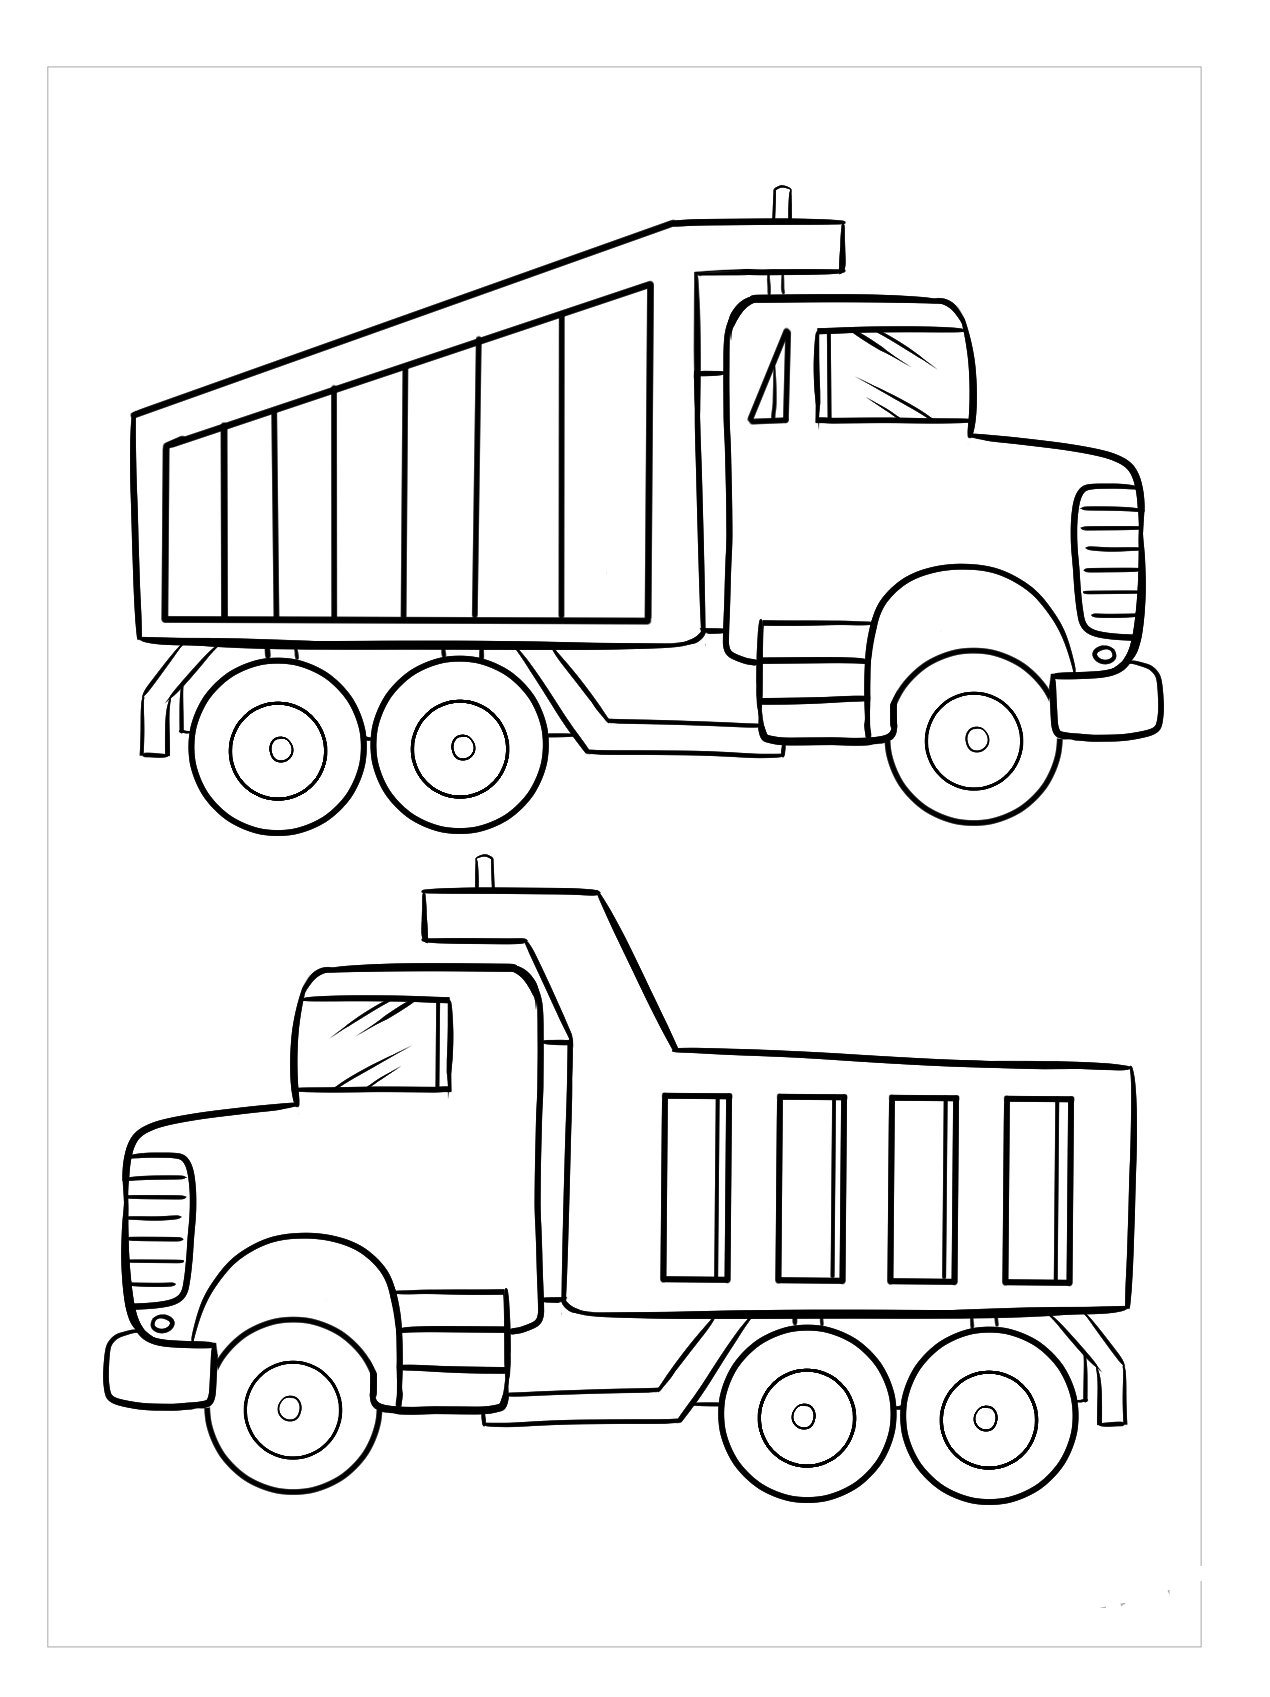 Tranh tô màu hình ô tô tải